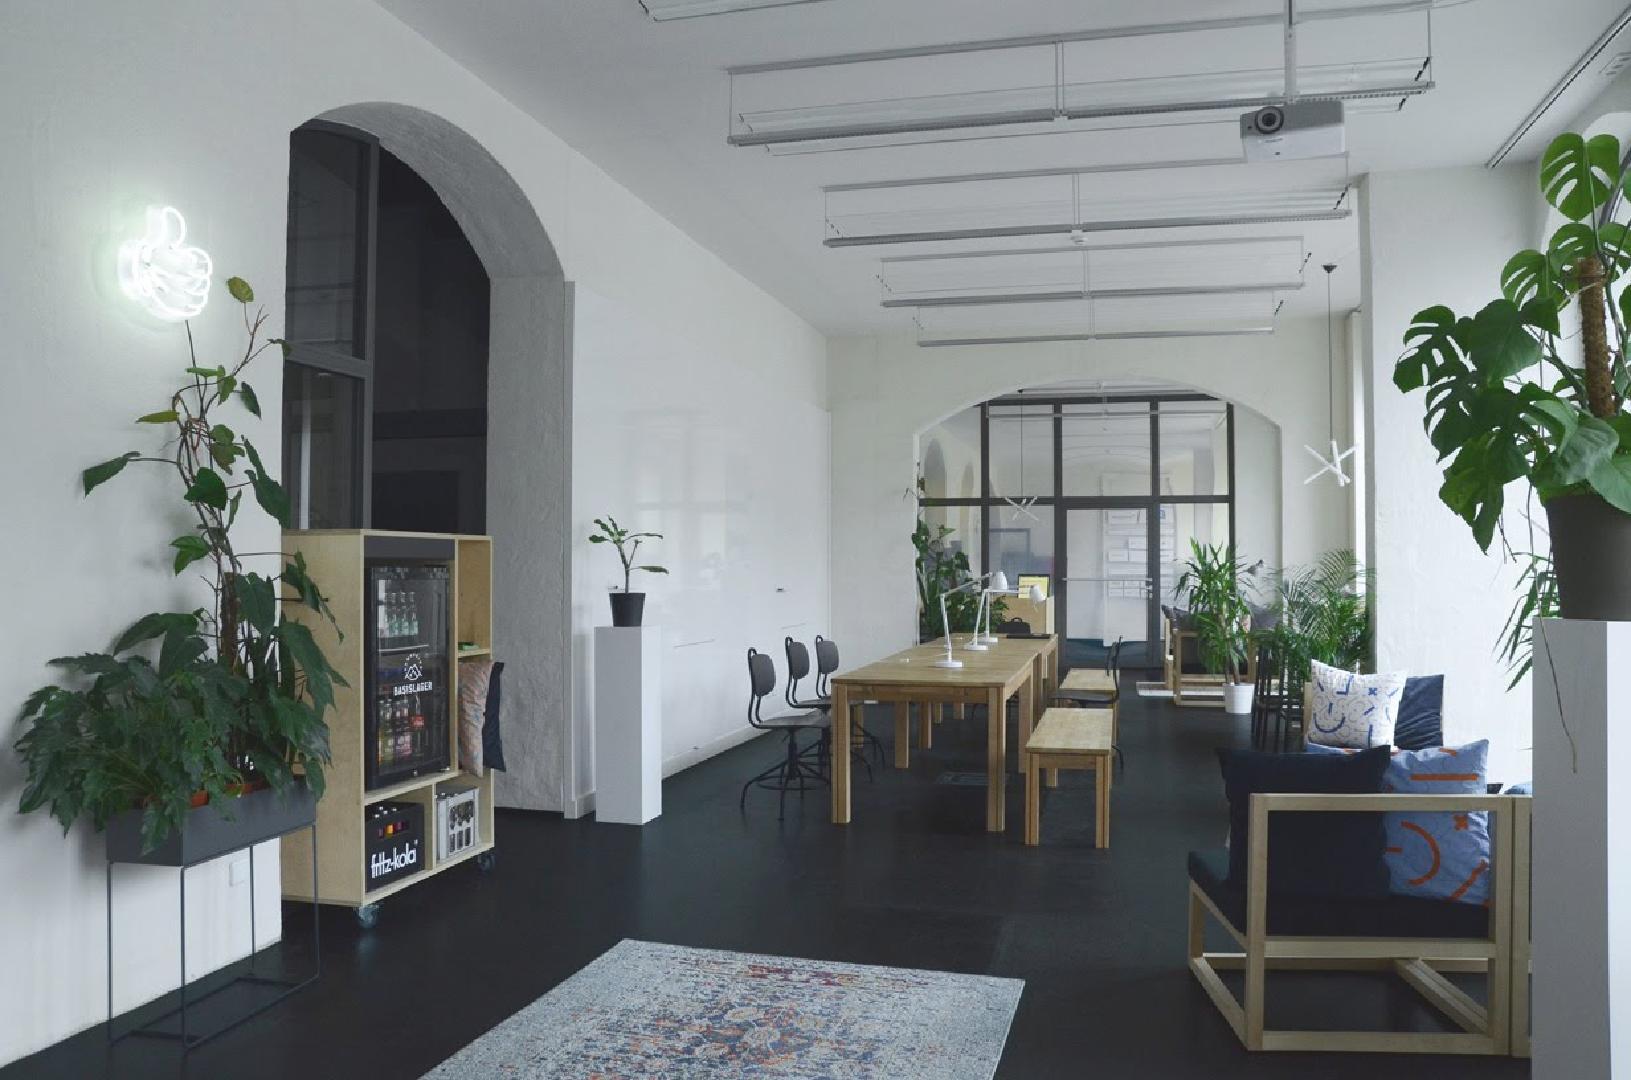 Picture 3 of Basislager Coworking - Seminarraum in Leipzig - Seminar und Schulung